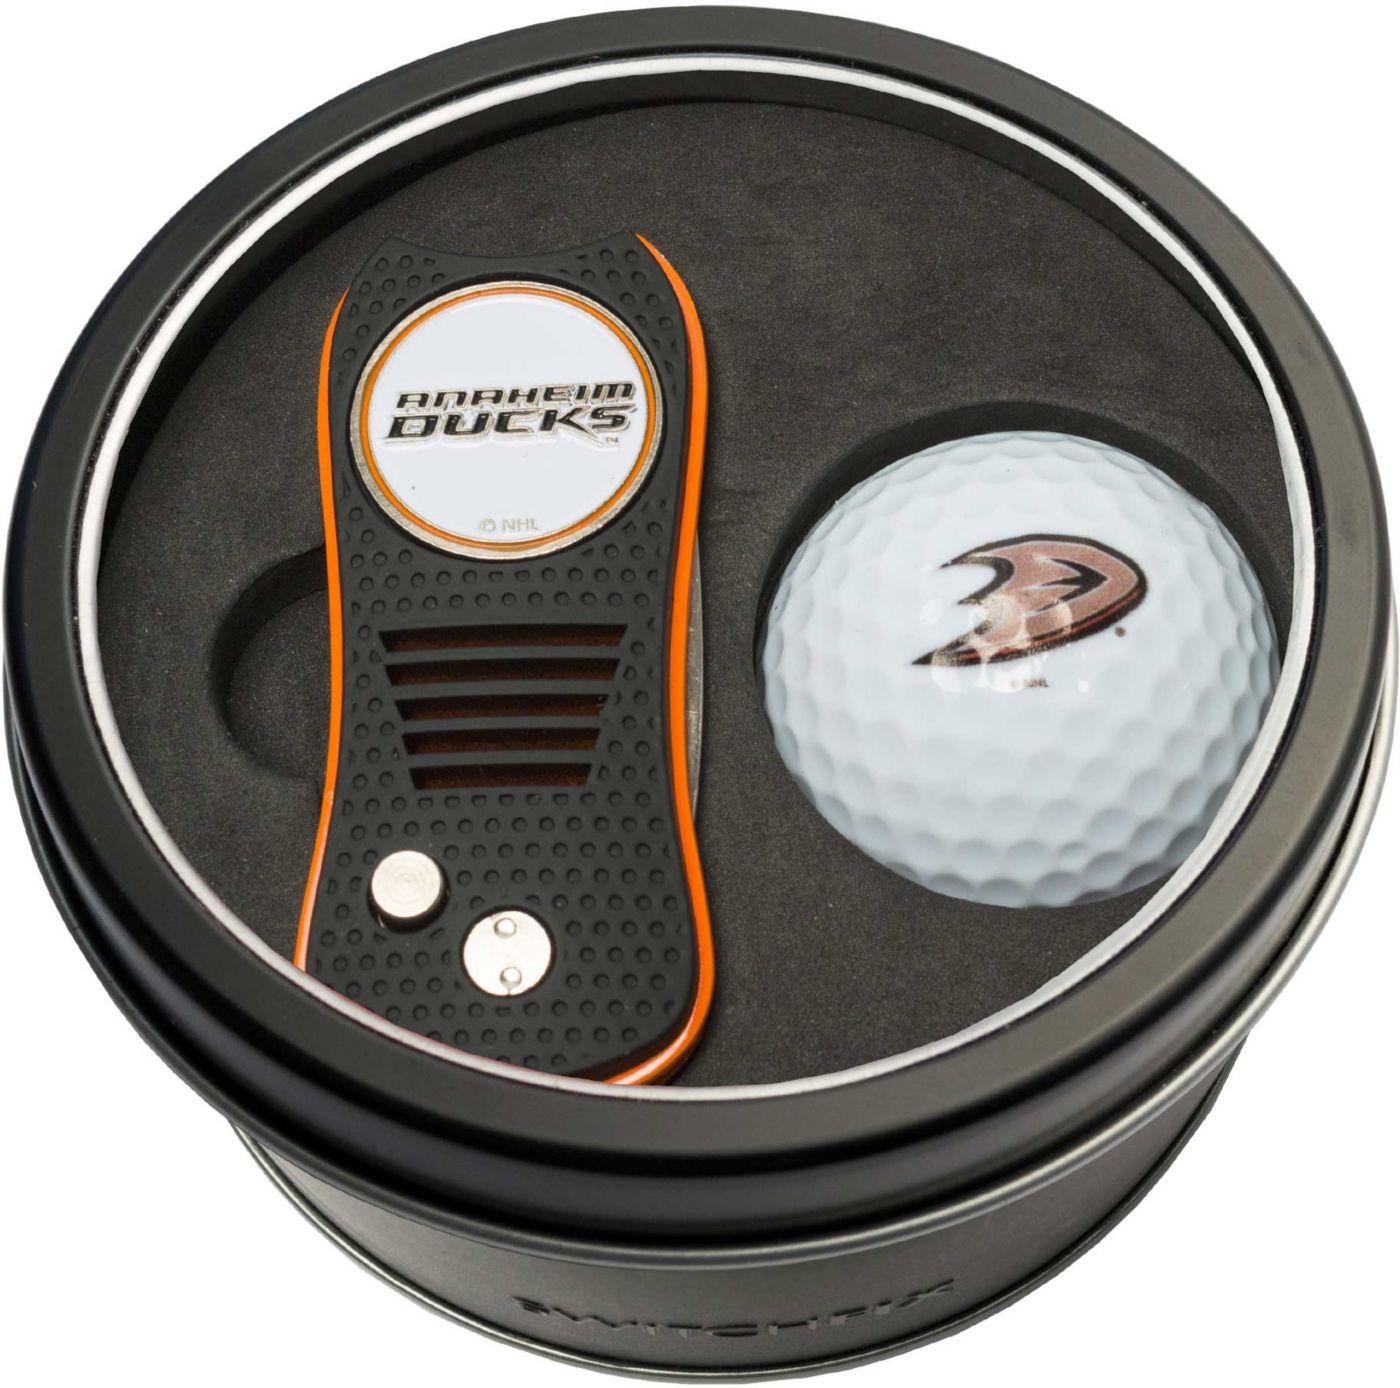 Team Golf Anaheim Ducks Switchfix Divot Tool and Golf Ball Set